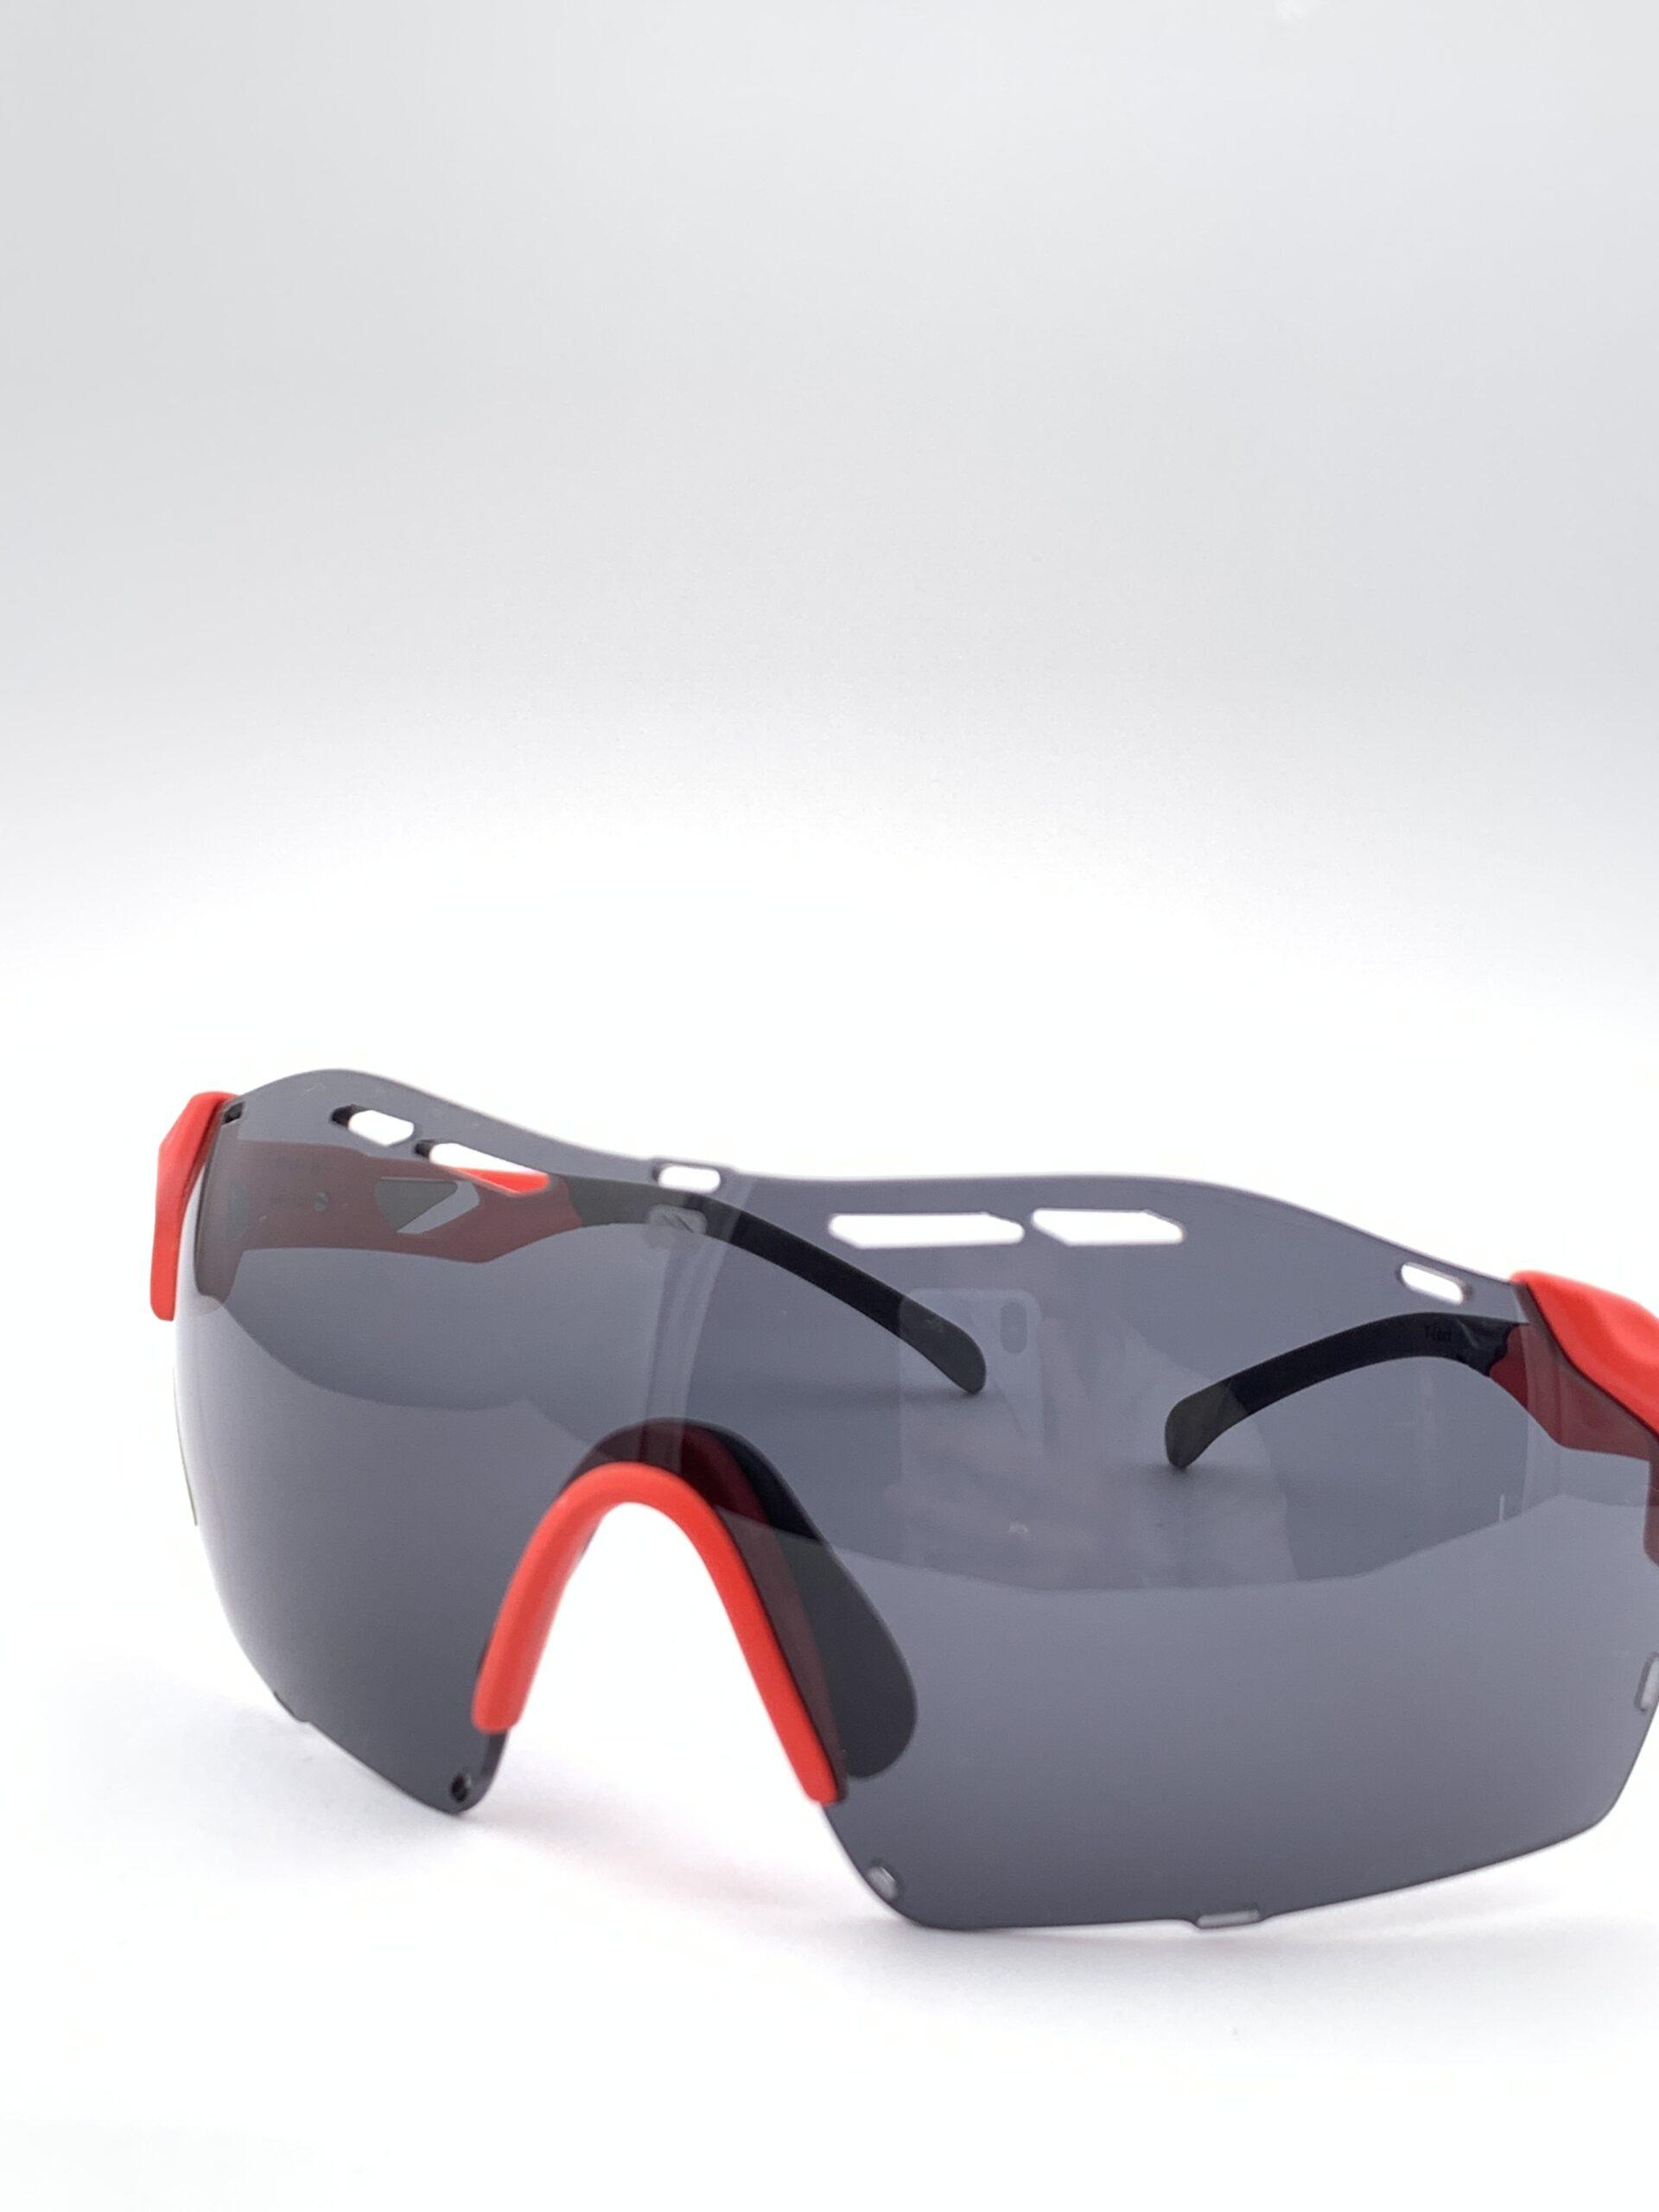 Cyklistické okuliare Cutline červené pohľad zprava